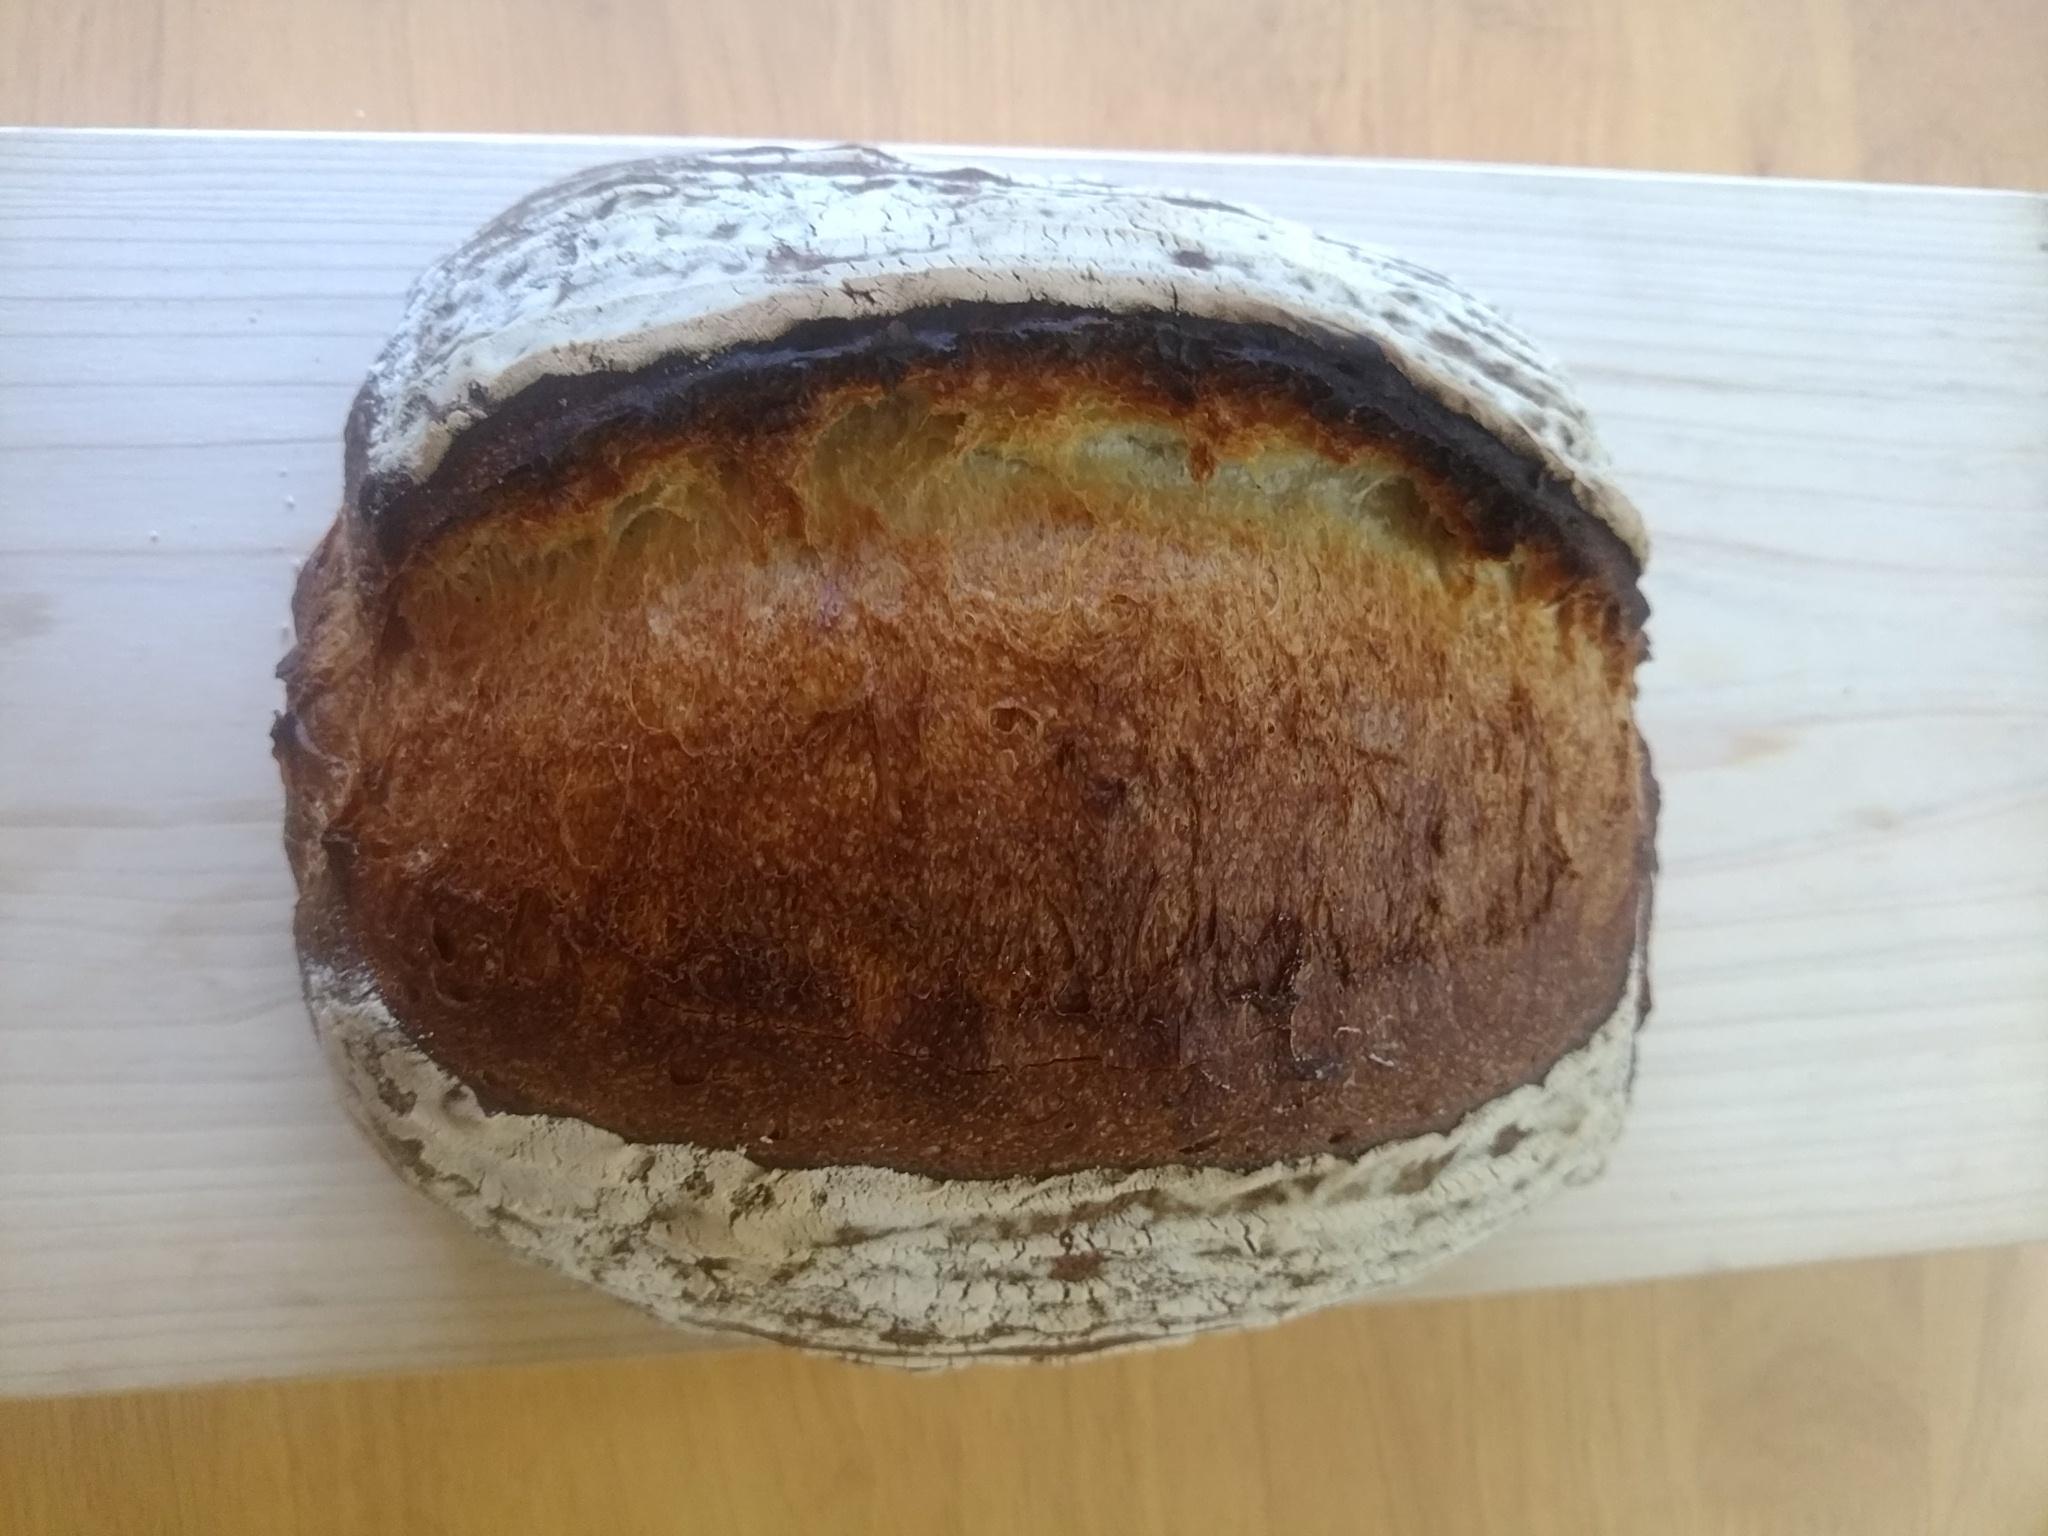 中津川 苗木 パン屋 パパン    天然酵母 カンパーニュ  350円         大きなプレーンなパンです。